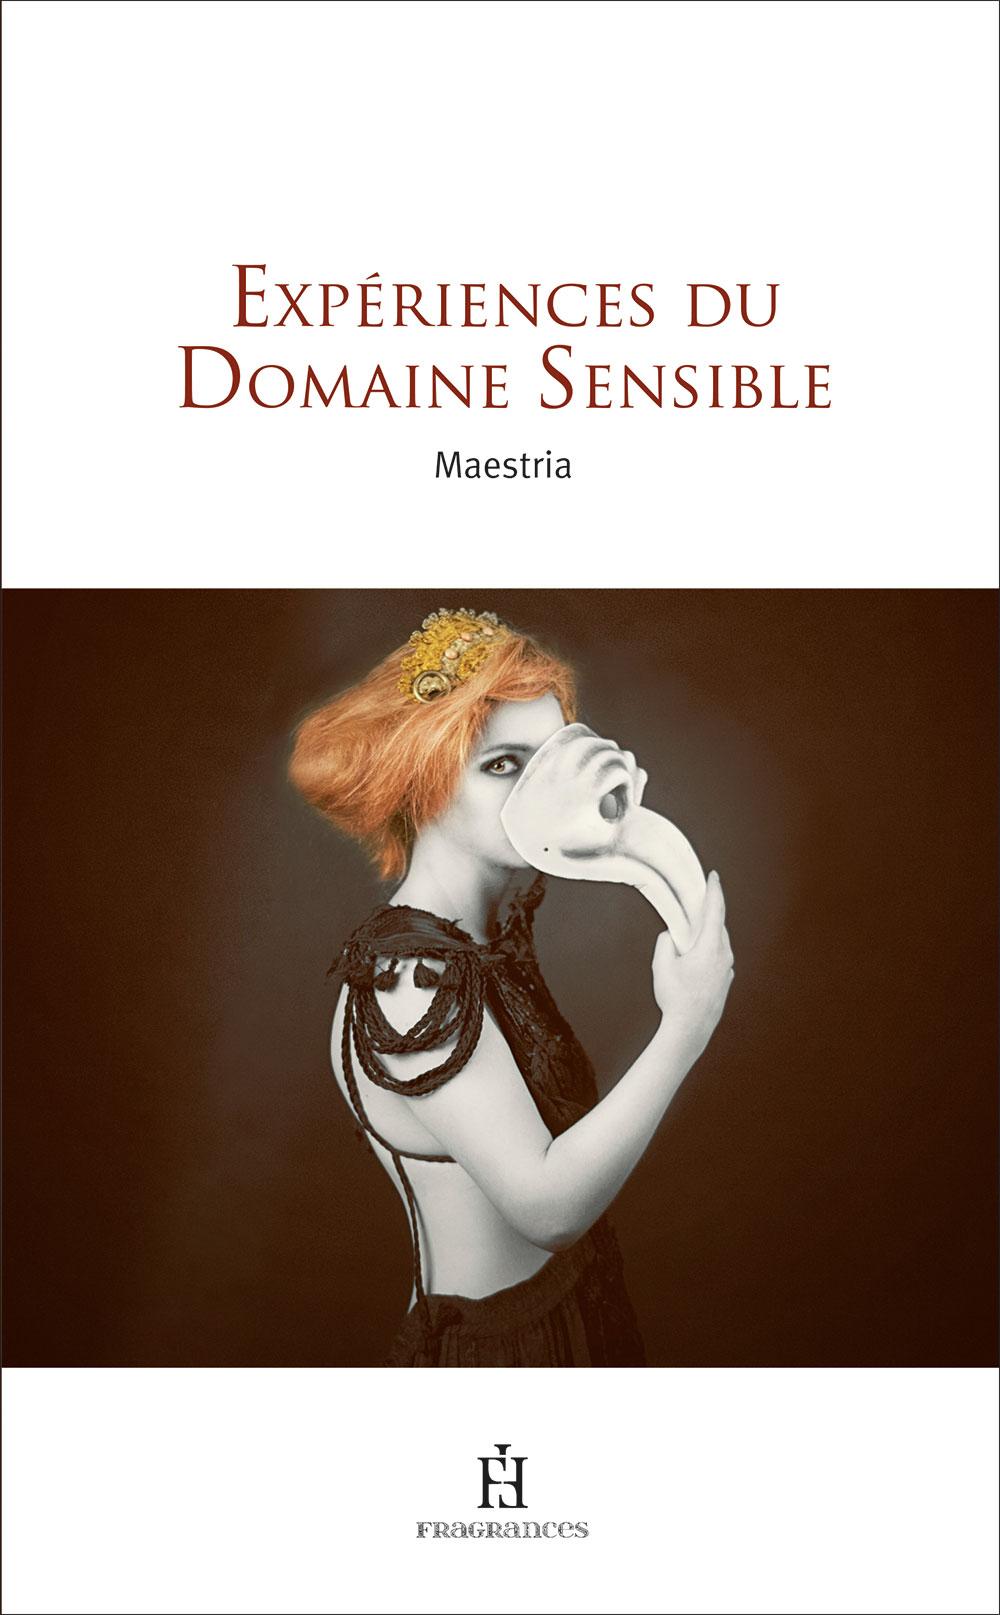 Experience du Domaine Sensible